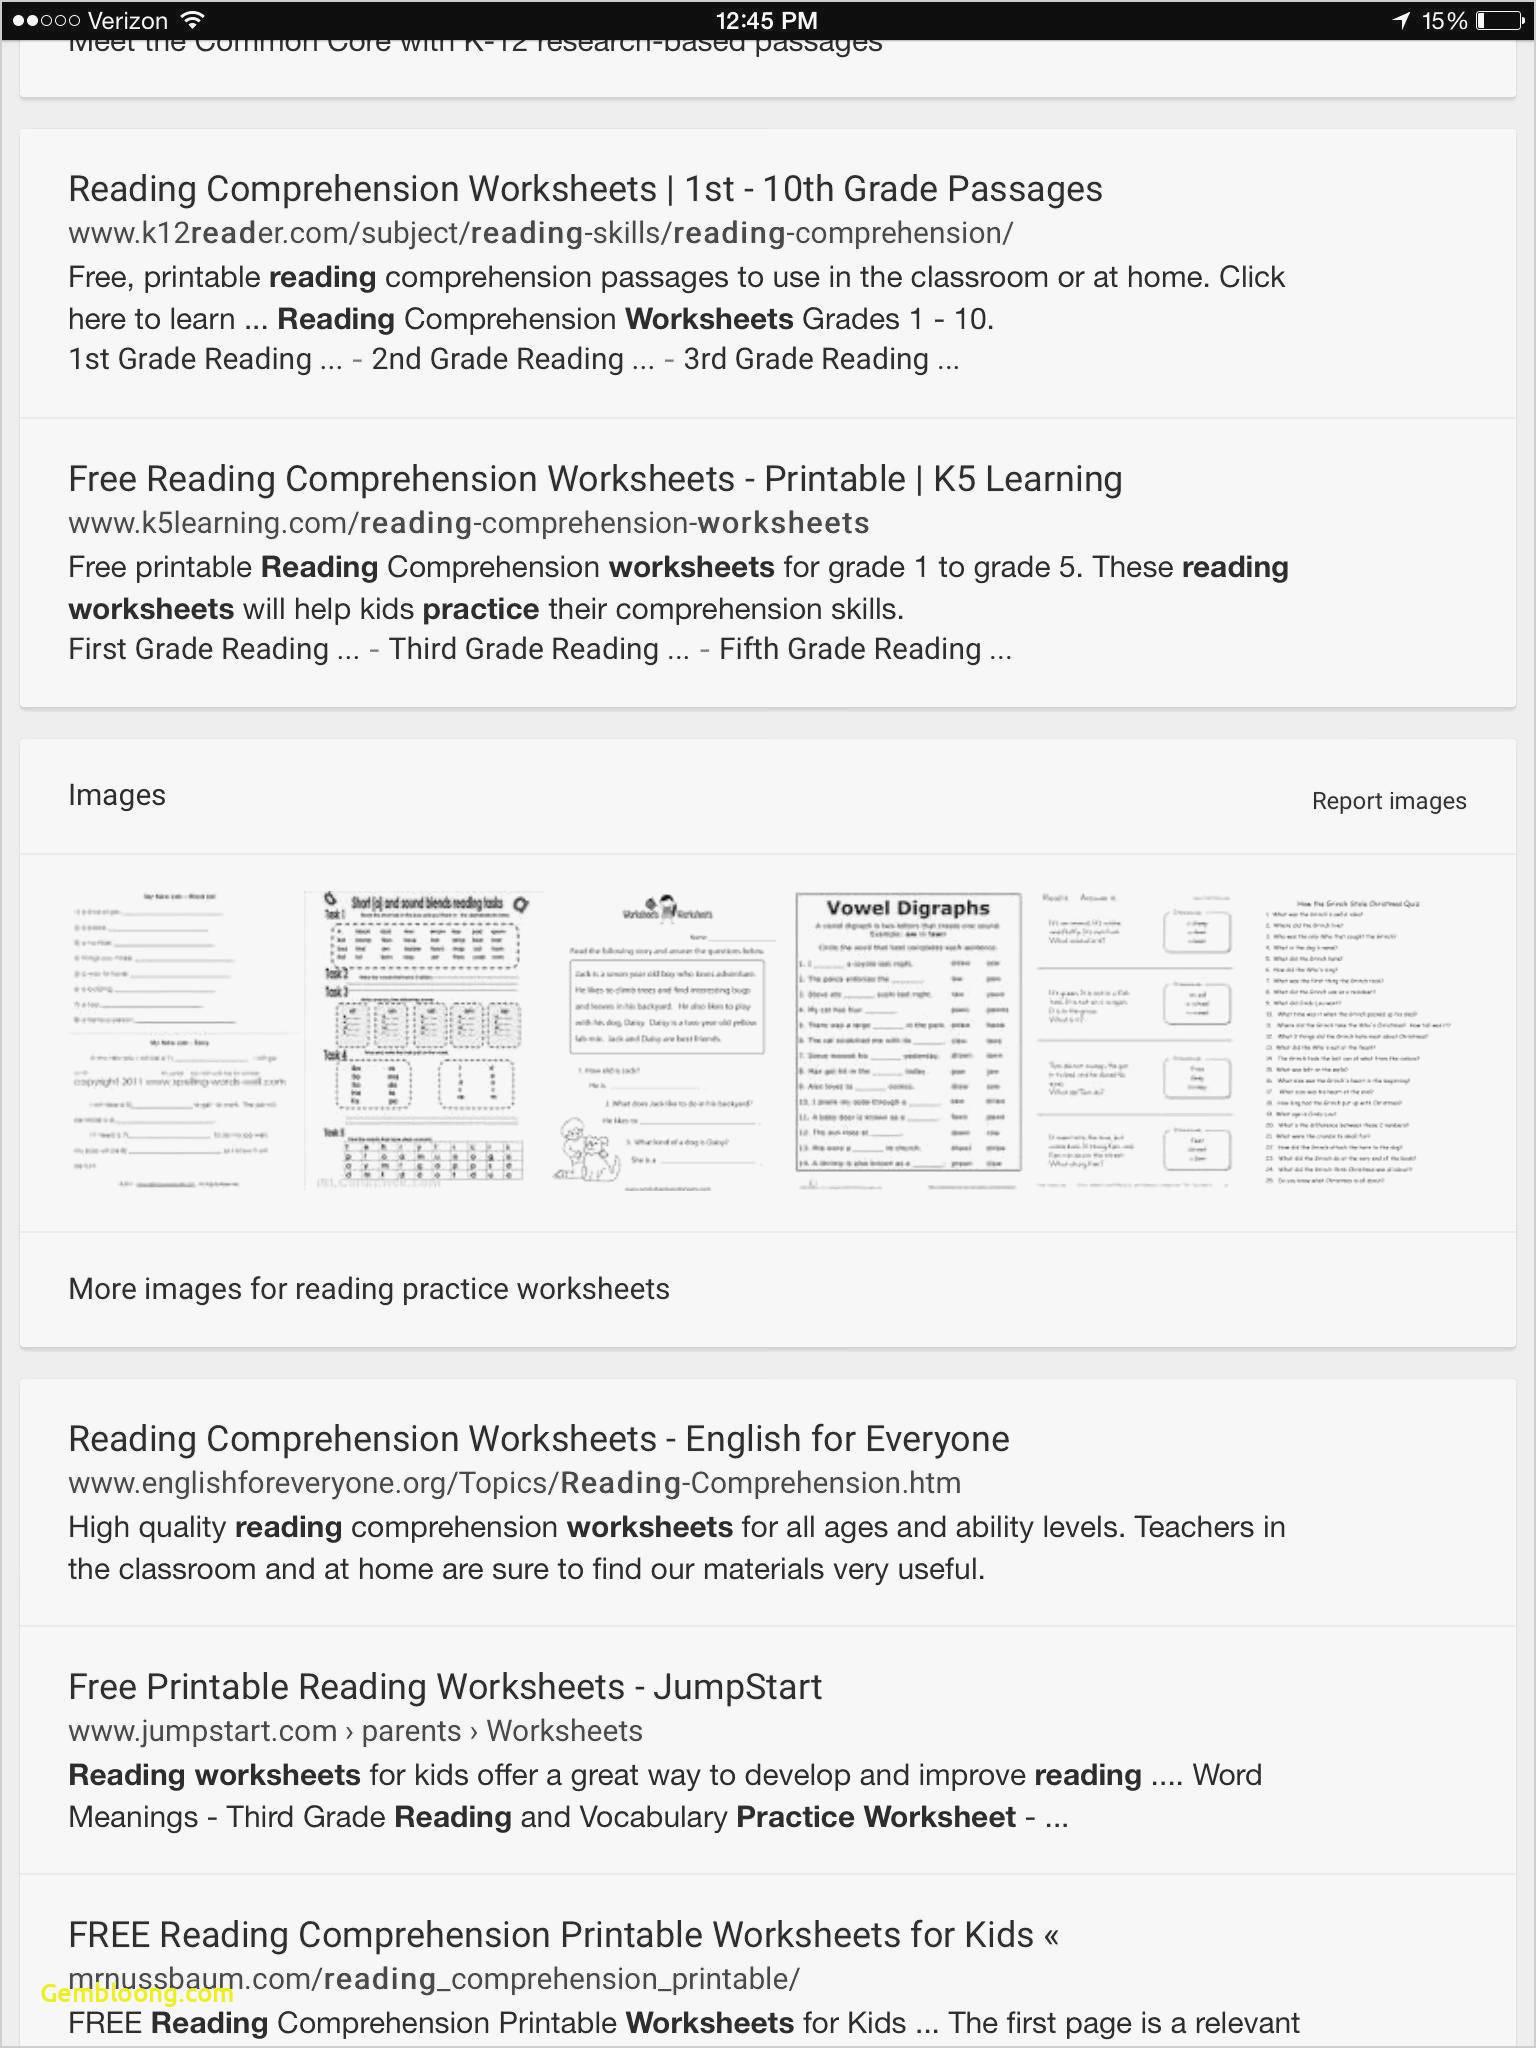 Reading Comprehension Worksheets For 1St Grade - Cramerforcongress | Free Printable Worksheets Reading Comprehension 5Th Grade